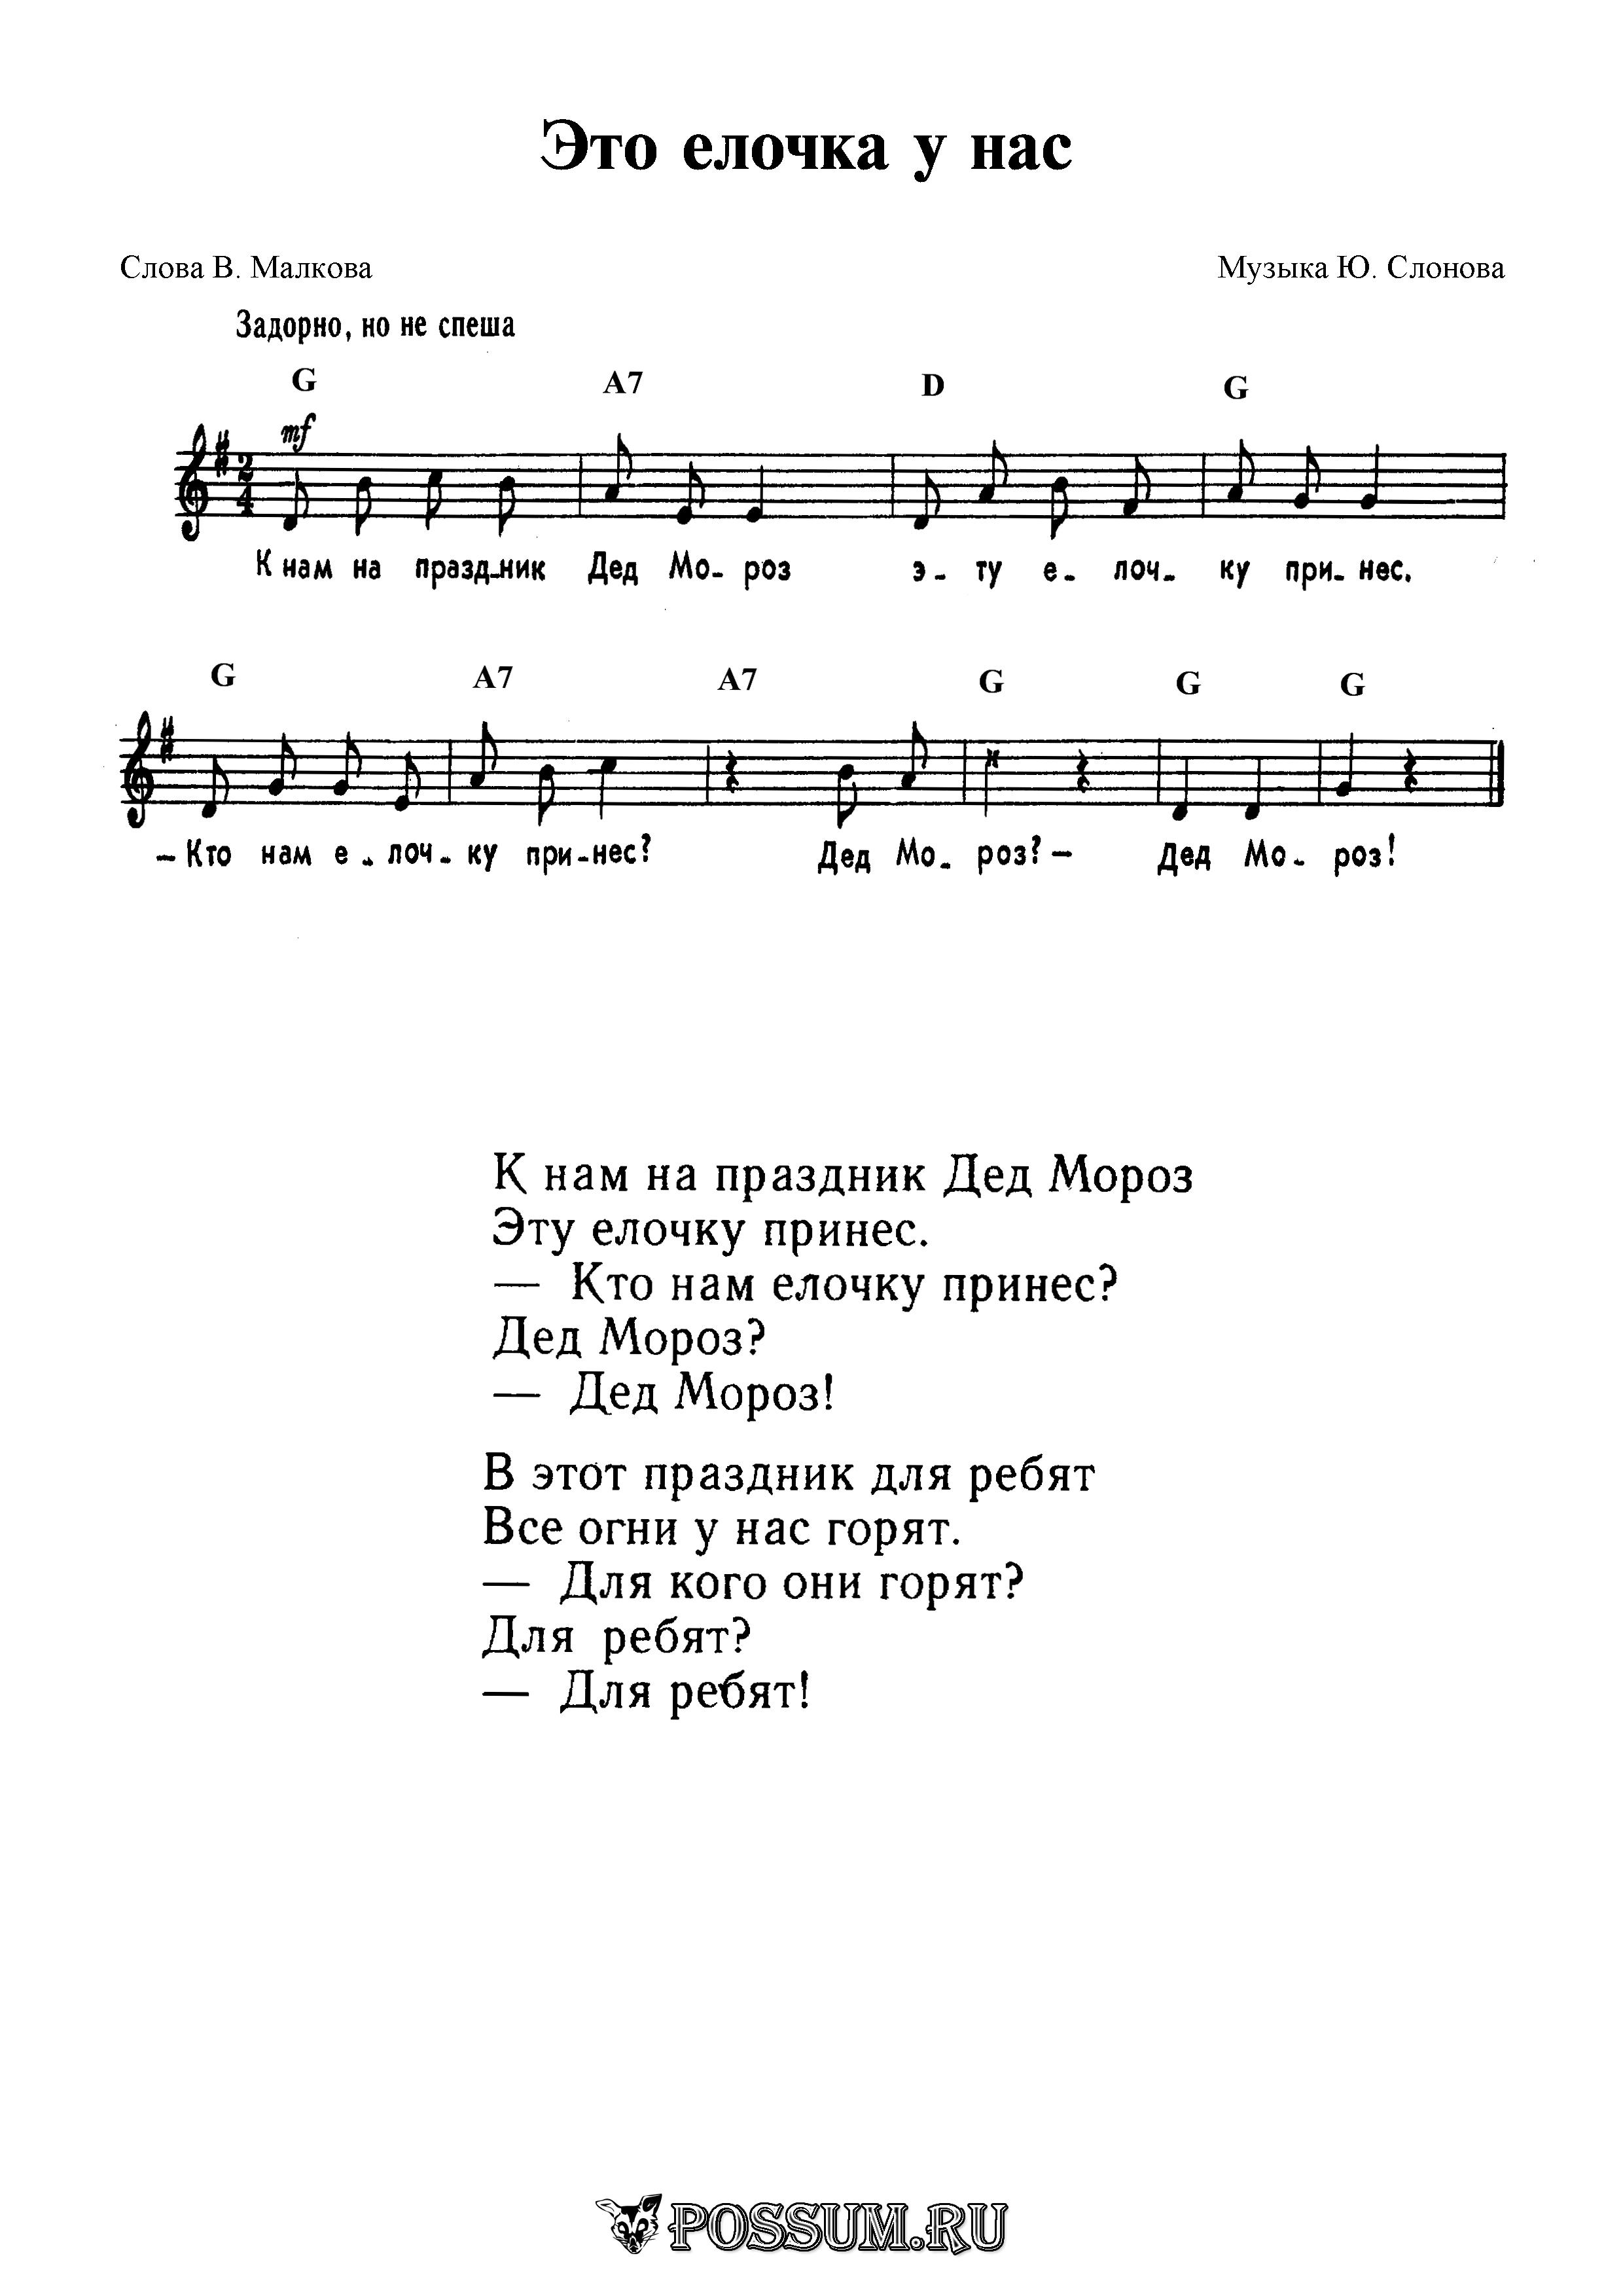 Информация о песнях. краткая история песни. литература. библиография